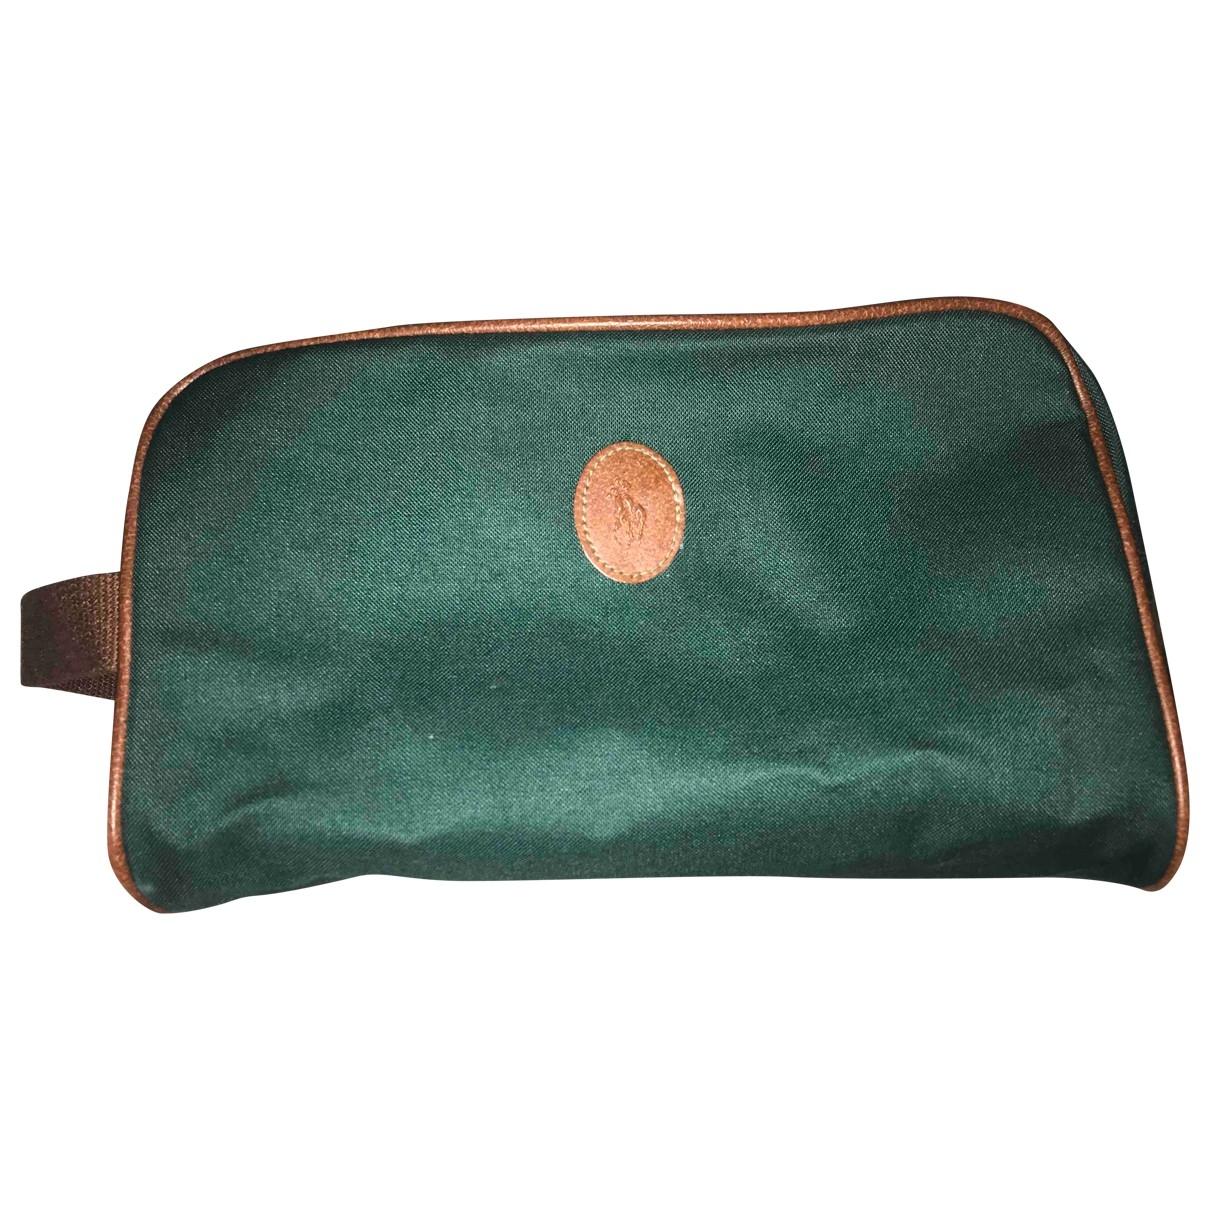 Polo Ralph Lauren - Petite maroquinerie   pour homme - vert